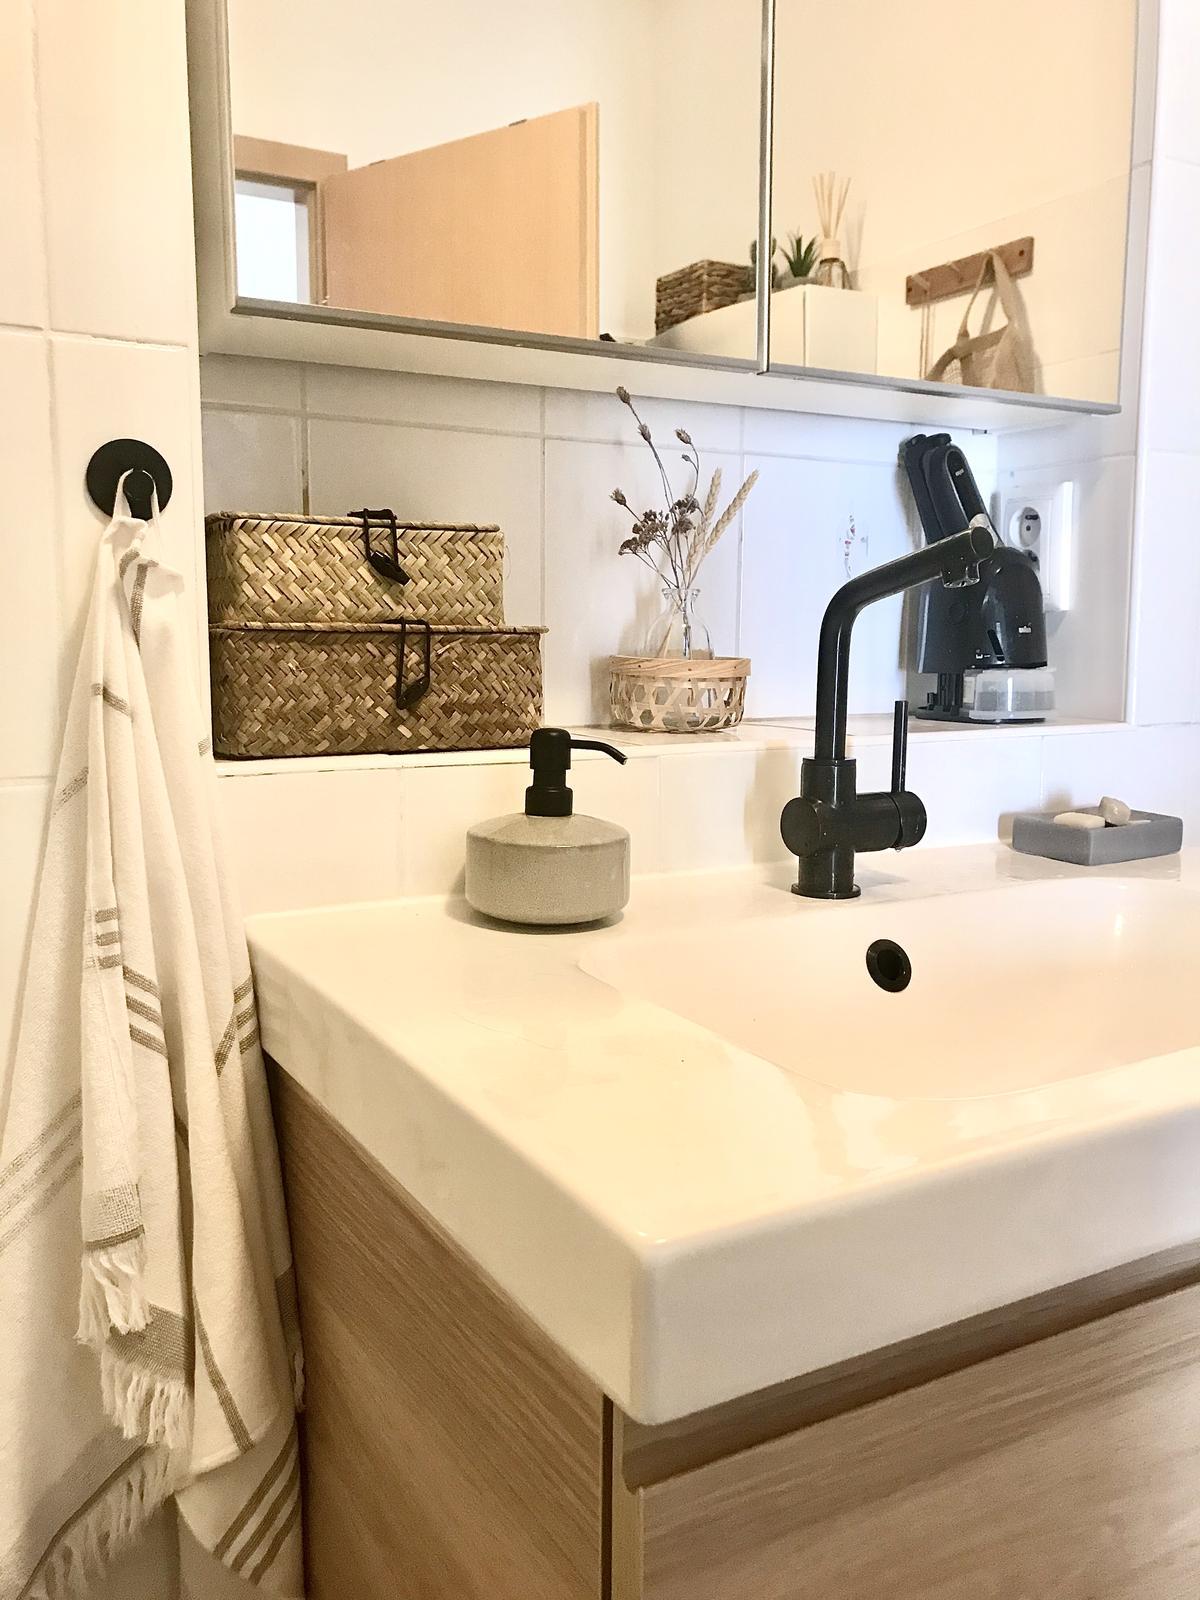 Z příšerné koupelny tvořím trochu lepší 💪 - Obrázek č. 41